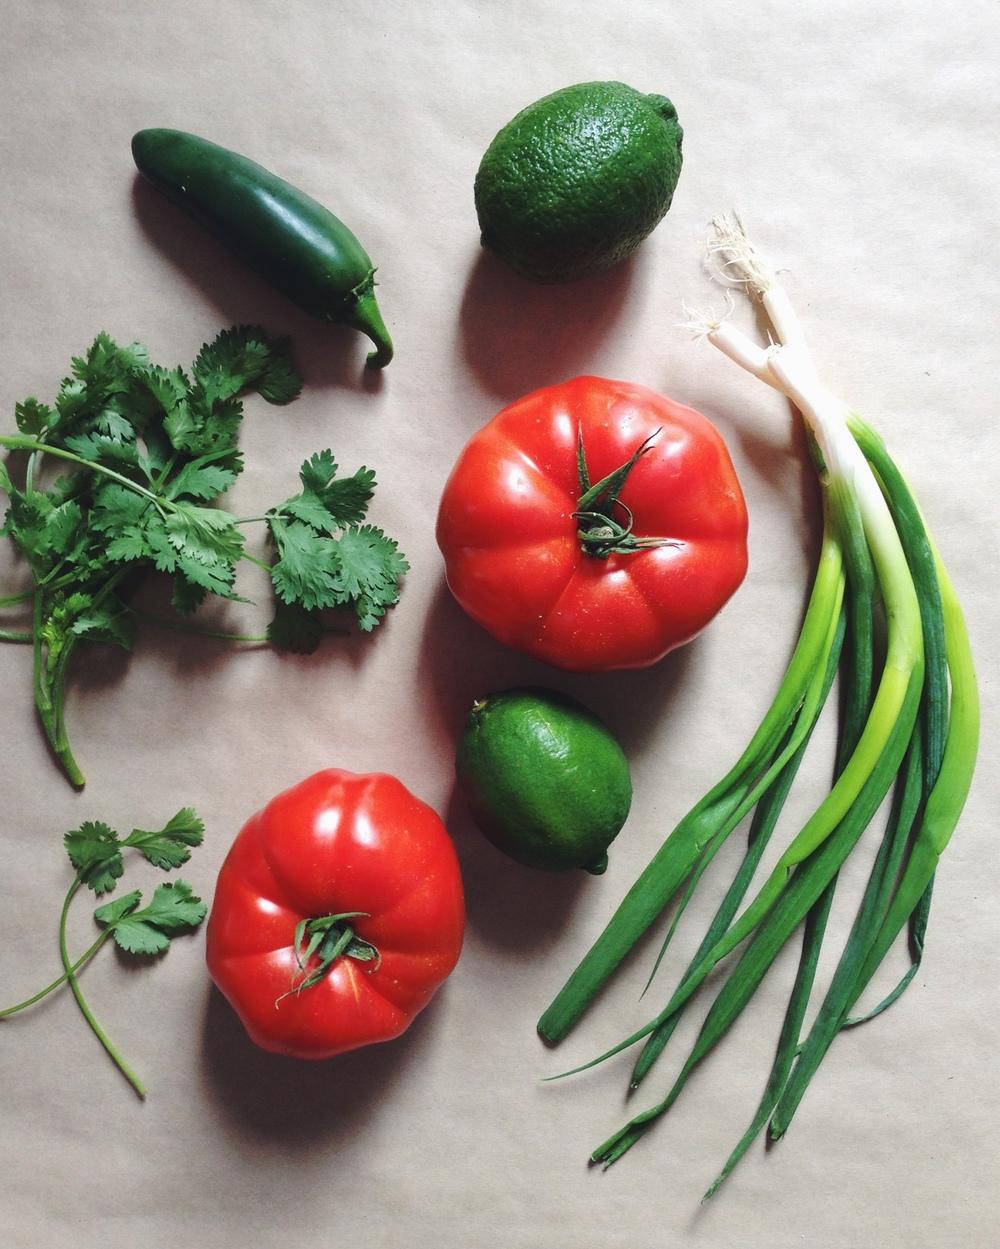 Ingredients for Salsa Fresca. Photo by Deborah Hemming.